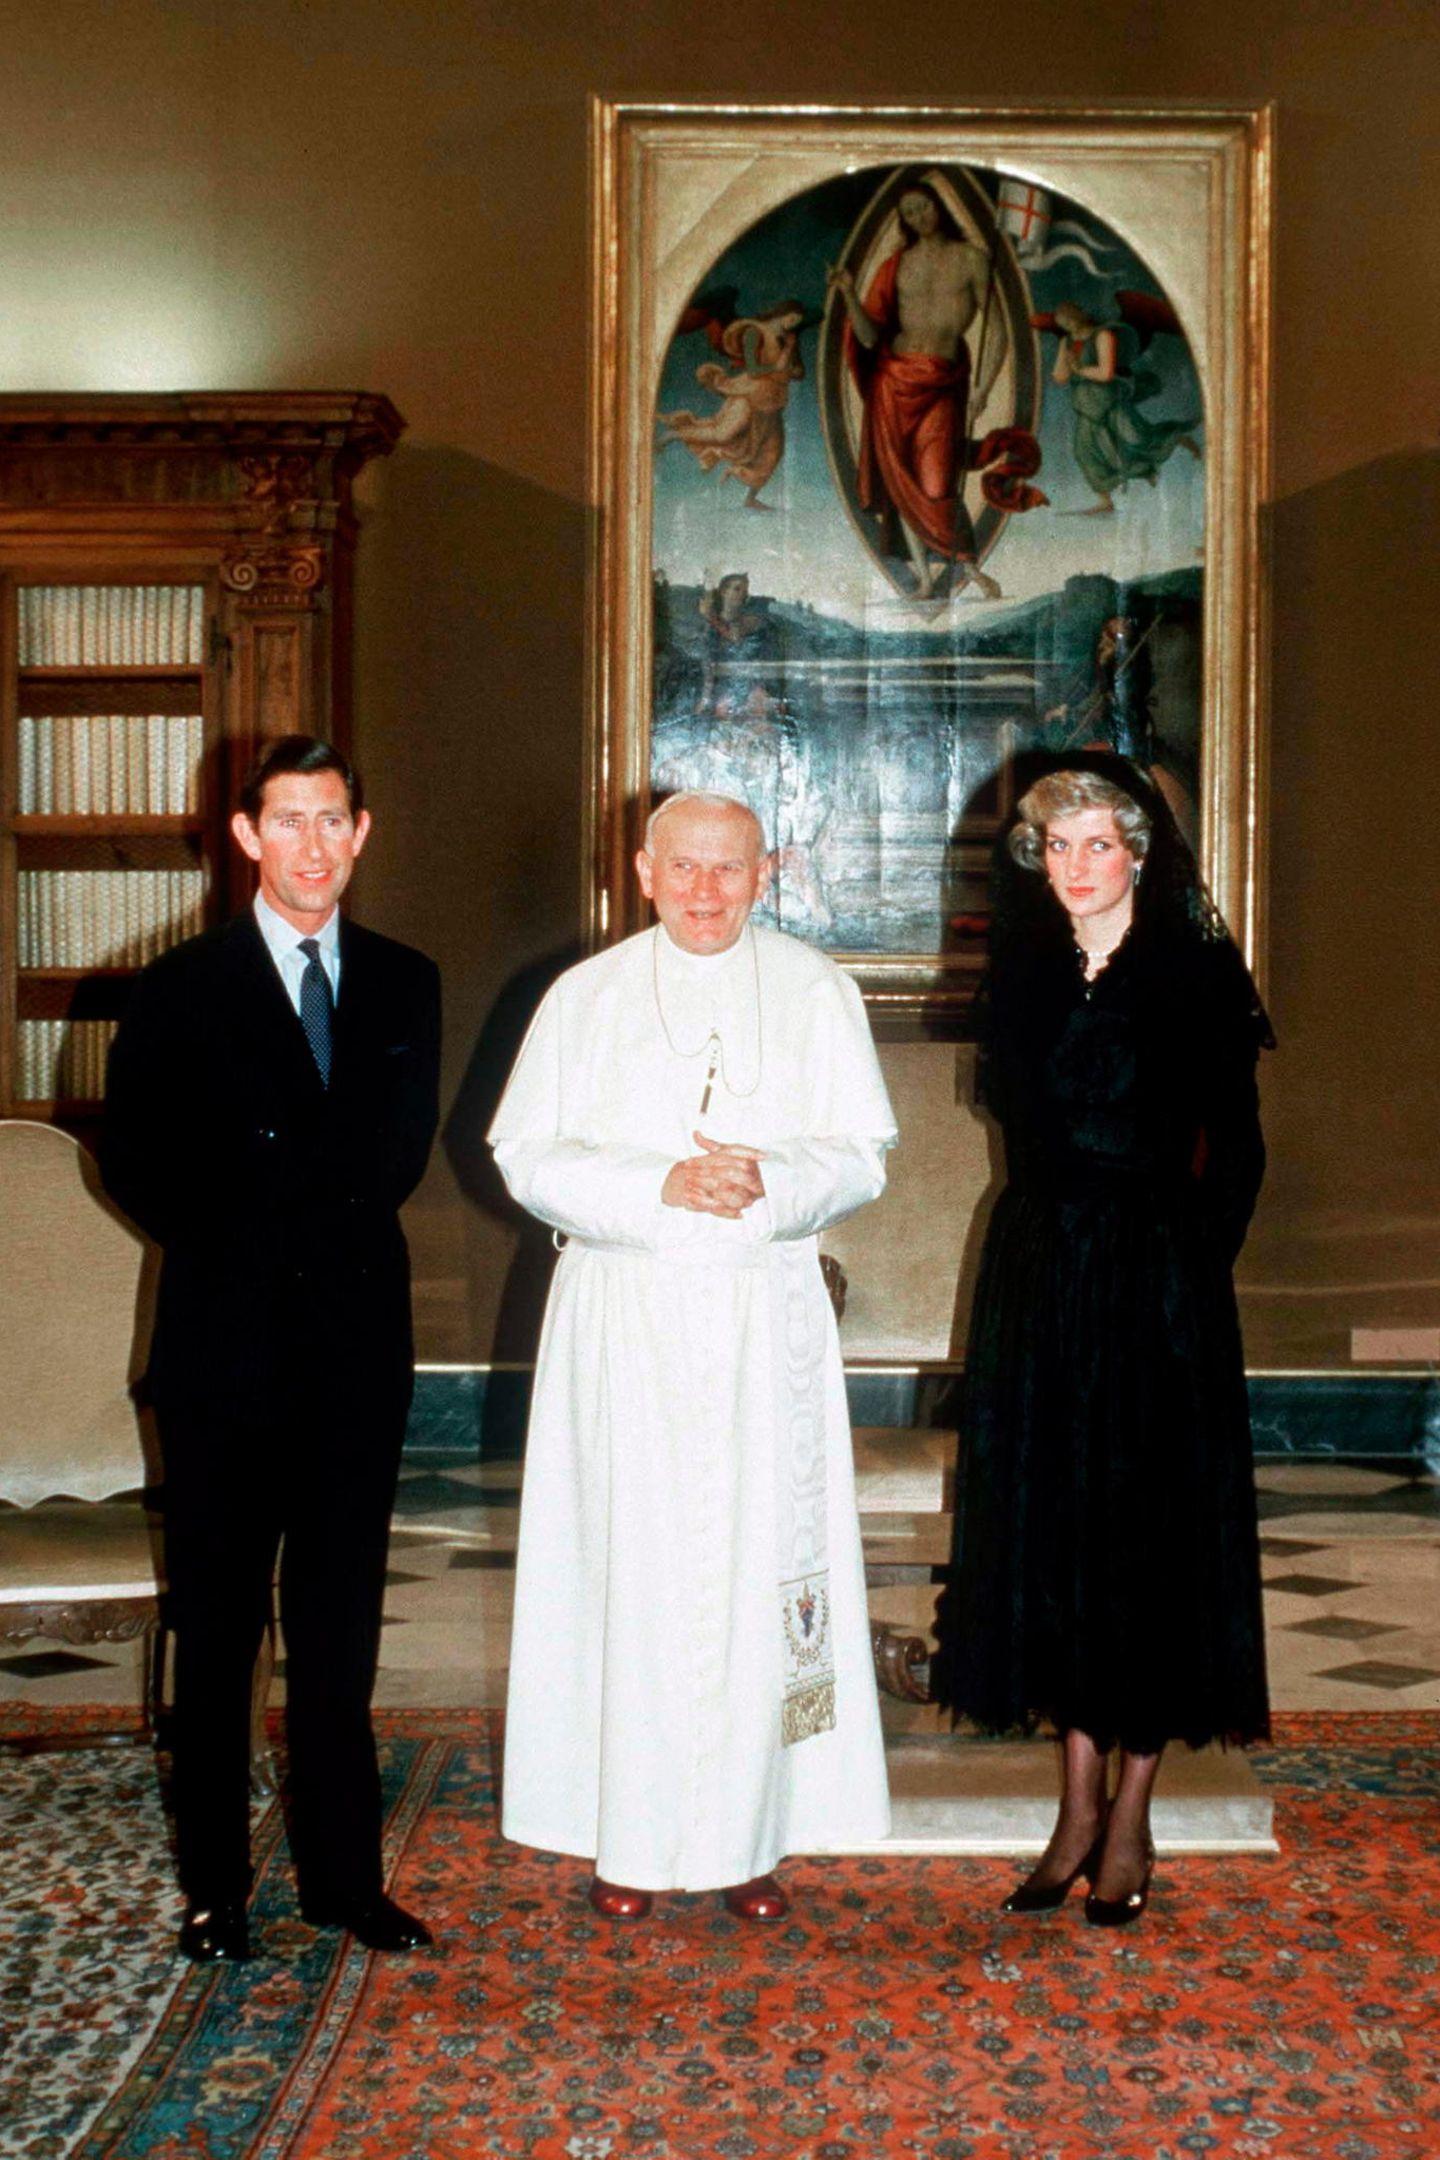 1985  Eine Audienz beim Papst? Kein Problem für das Prinzenpaar. Charles und Diana besuchen Papst Johannes Paul II.